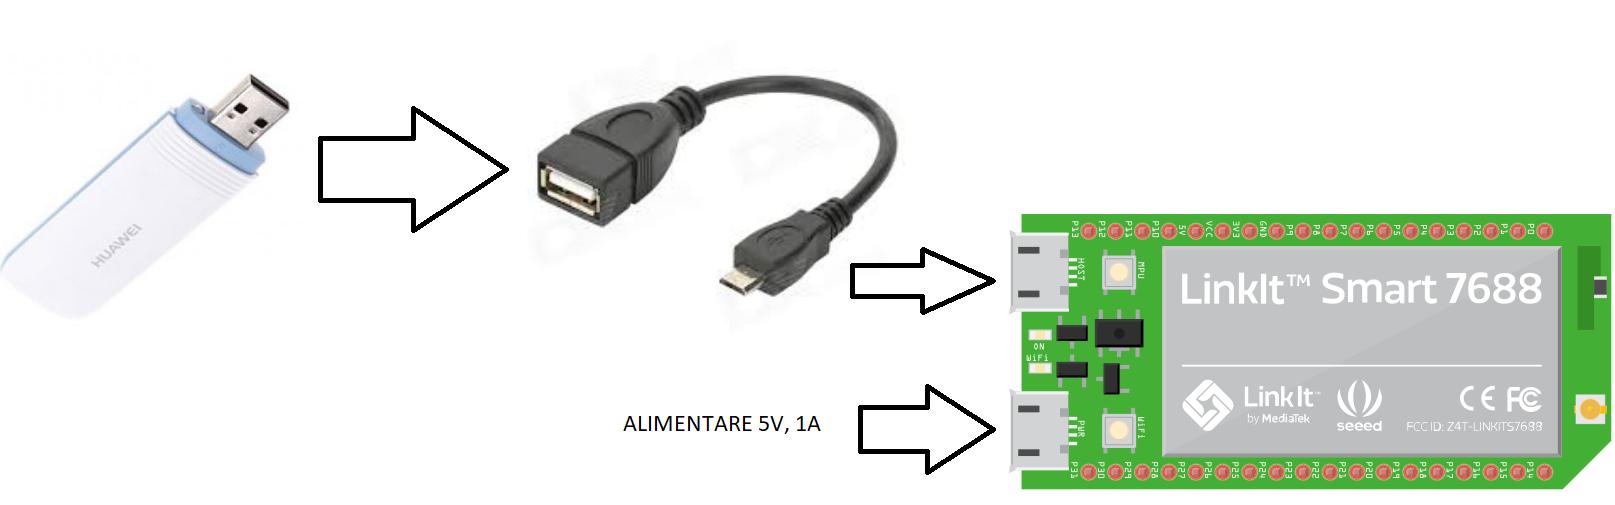 crisstel.ro Router WiFi GSM utilizând LinkIt Smart 7688 serviciile oferite de companiile de telefonie mobilă prin intermediul unei cartele SIM ce oferă transfer de pachete de date routere WiFi GSM telefoane mobile ce funcționează ca AP (tethering ) placă de dezvoltare LinkIt Smart 7688 bazată pe circuitul SoC MediaTek MT7688AN rulează distribuția Linux OpenWRT control al traficului TCP/IP oferite de sistemele de operare Linux modem USB GSM